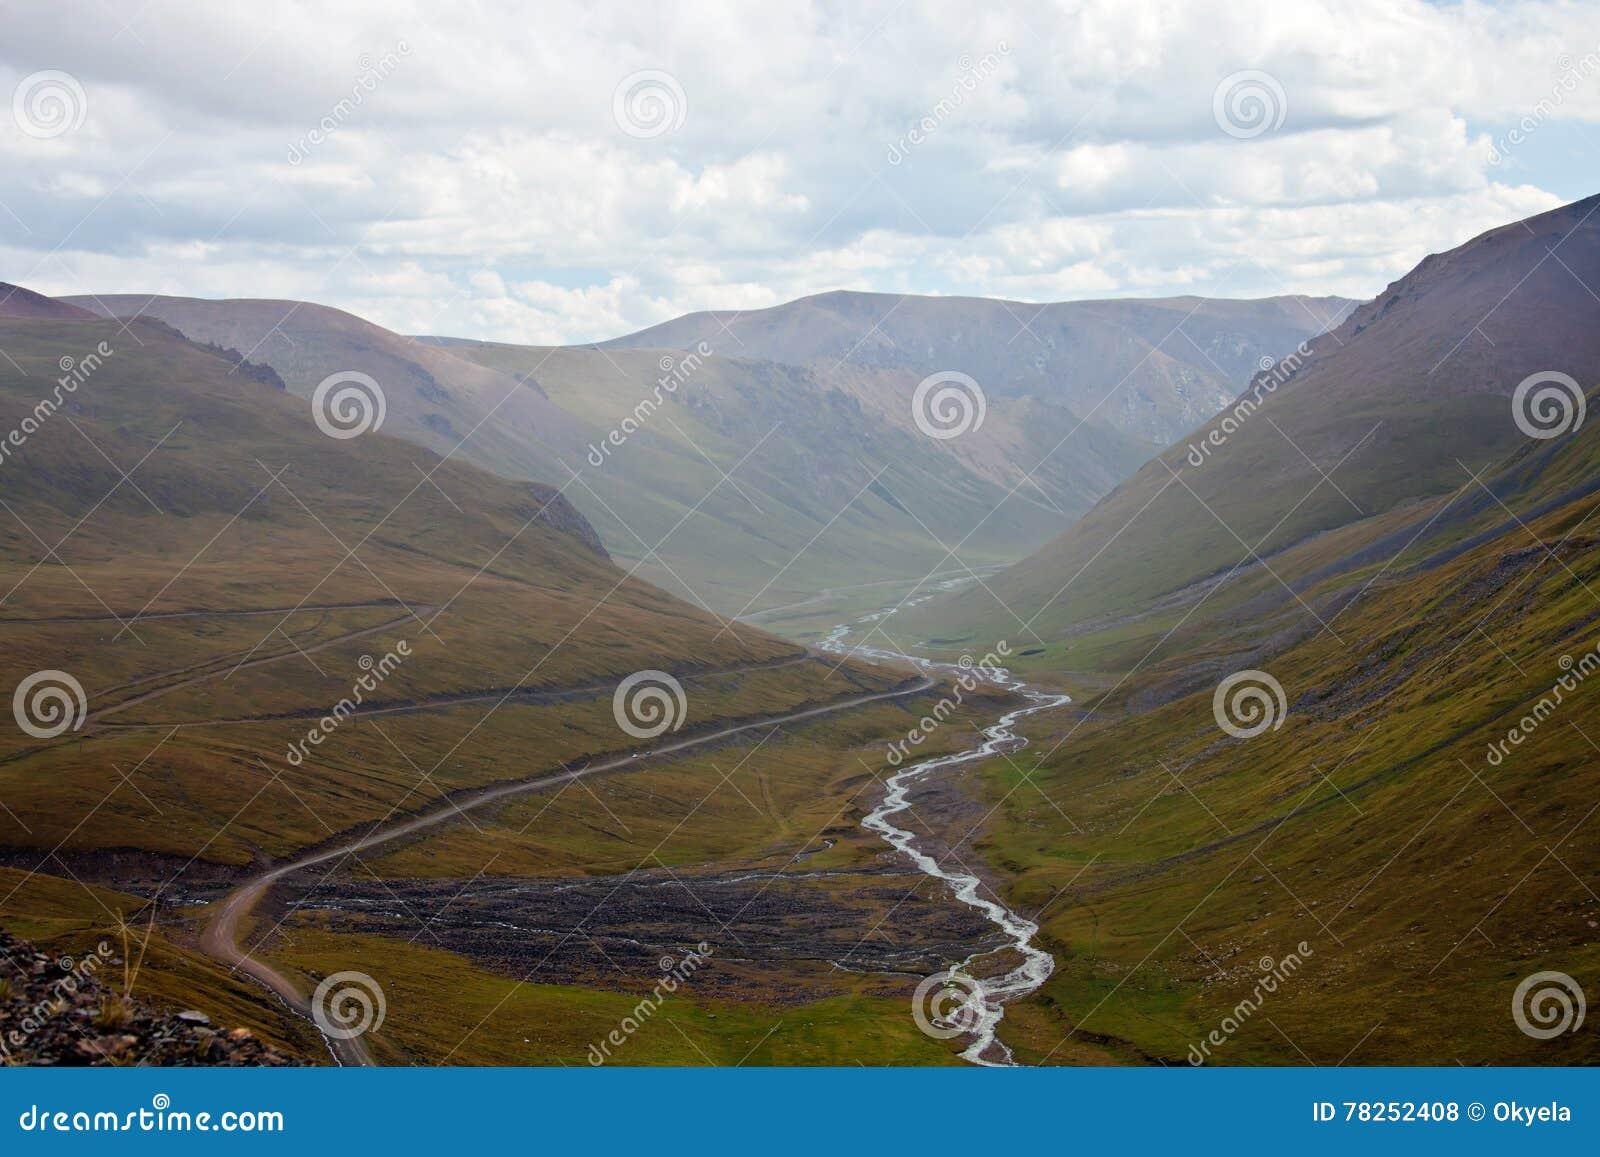 Άποψη από το πέρασμα βουνών στο δρόμο, το φαράγγι και τον ποταμό μέσα